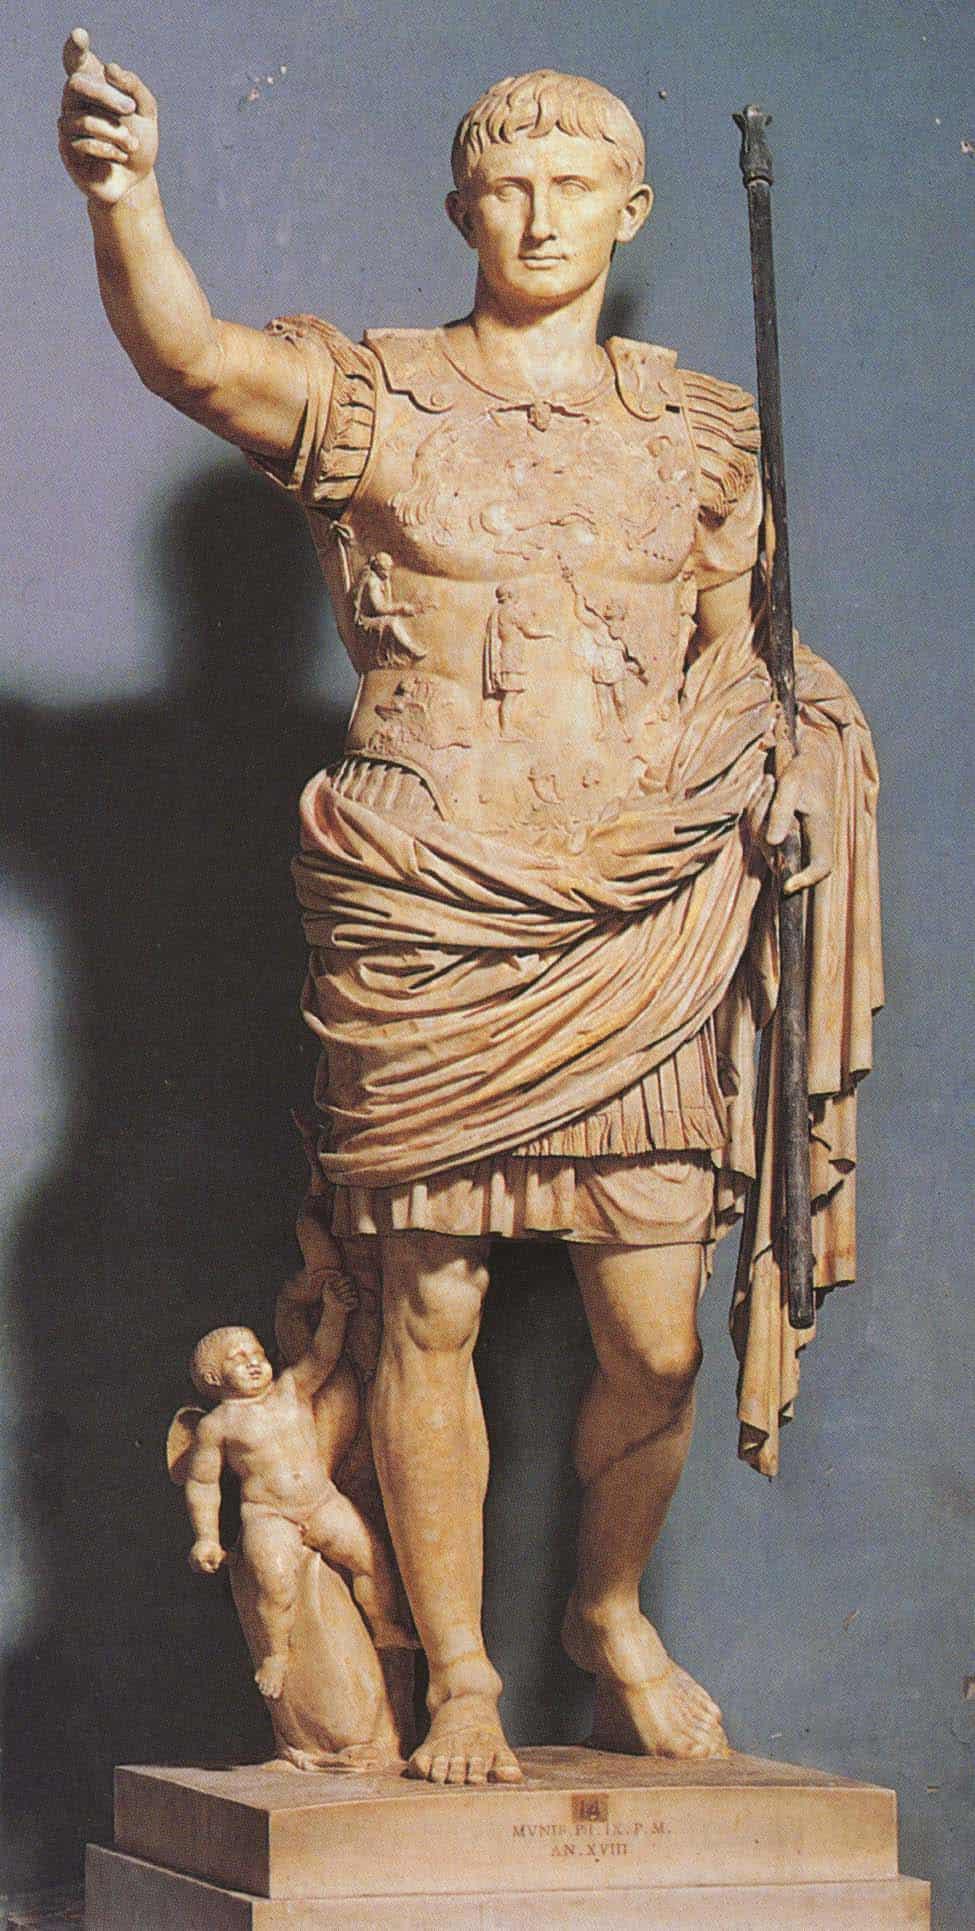 Augustus weist den Weg - und ordnete den Kalender